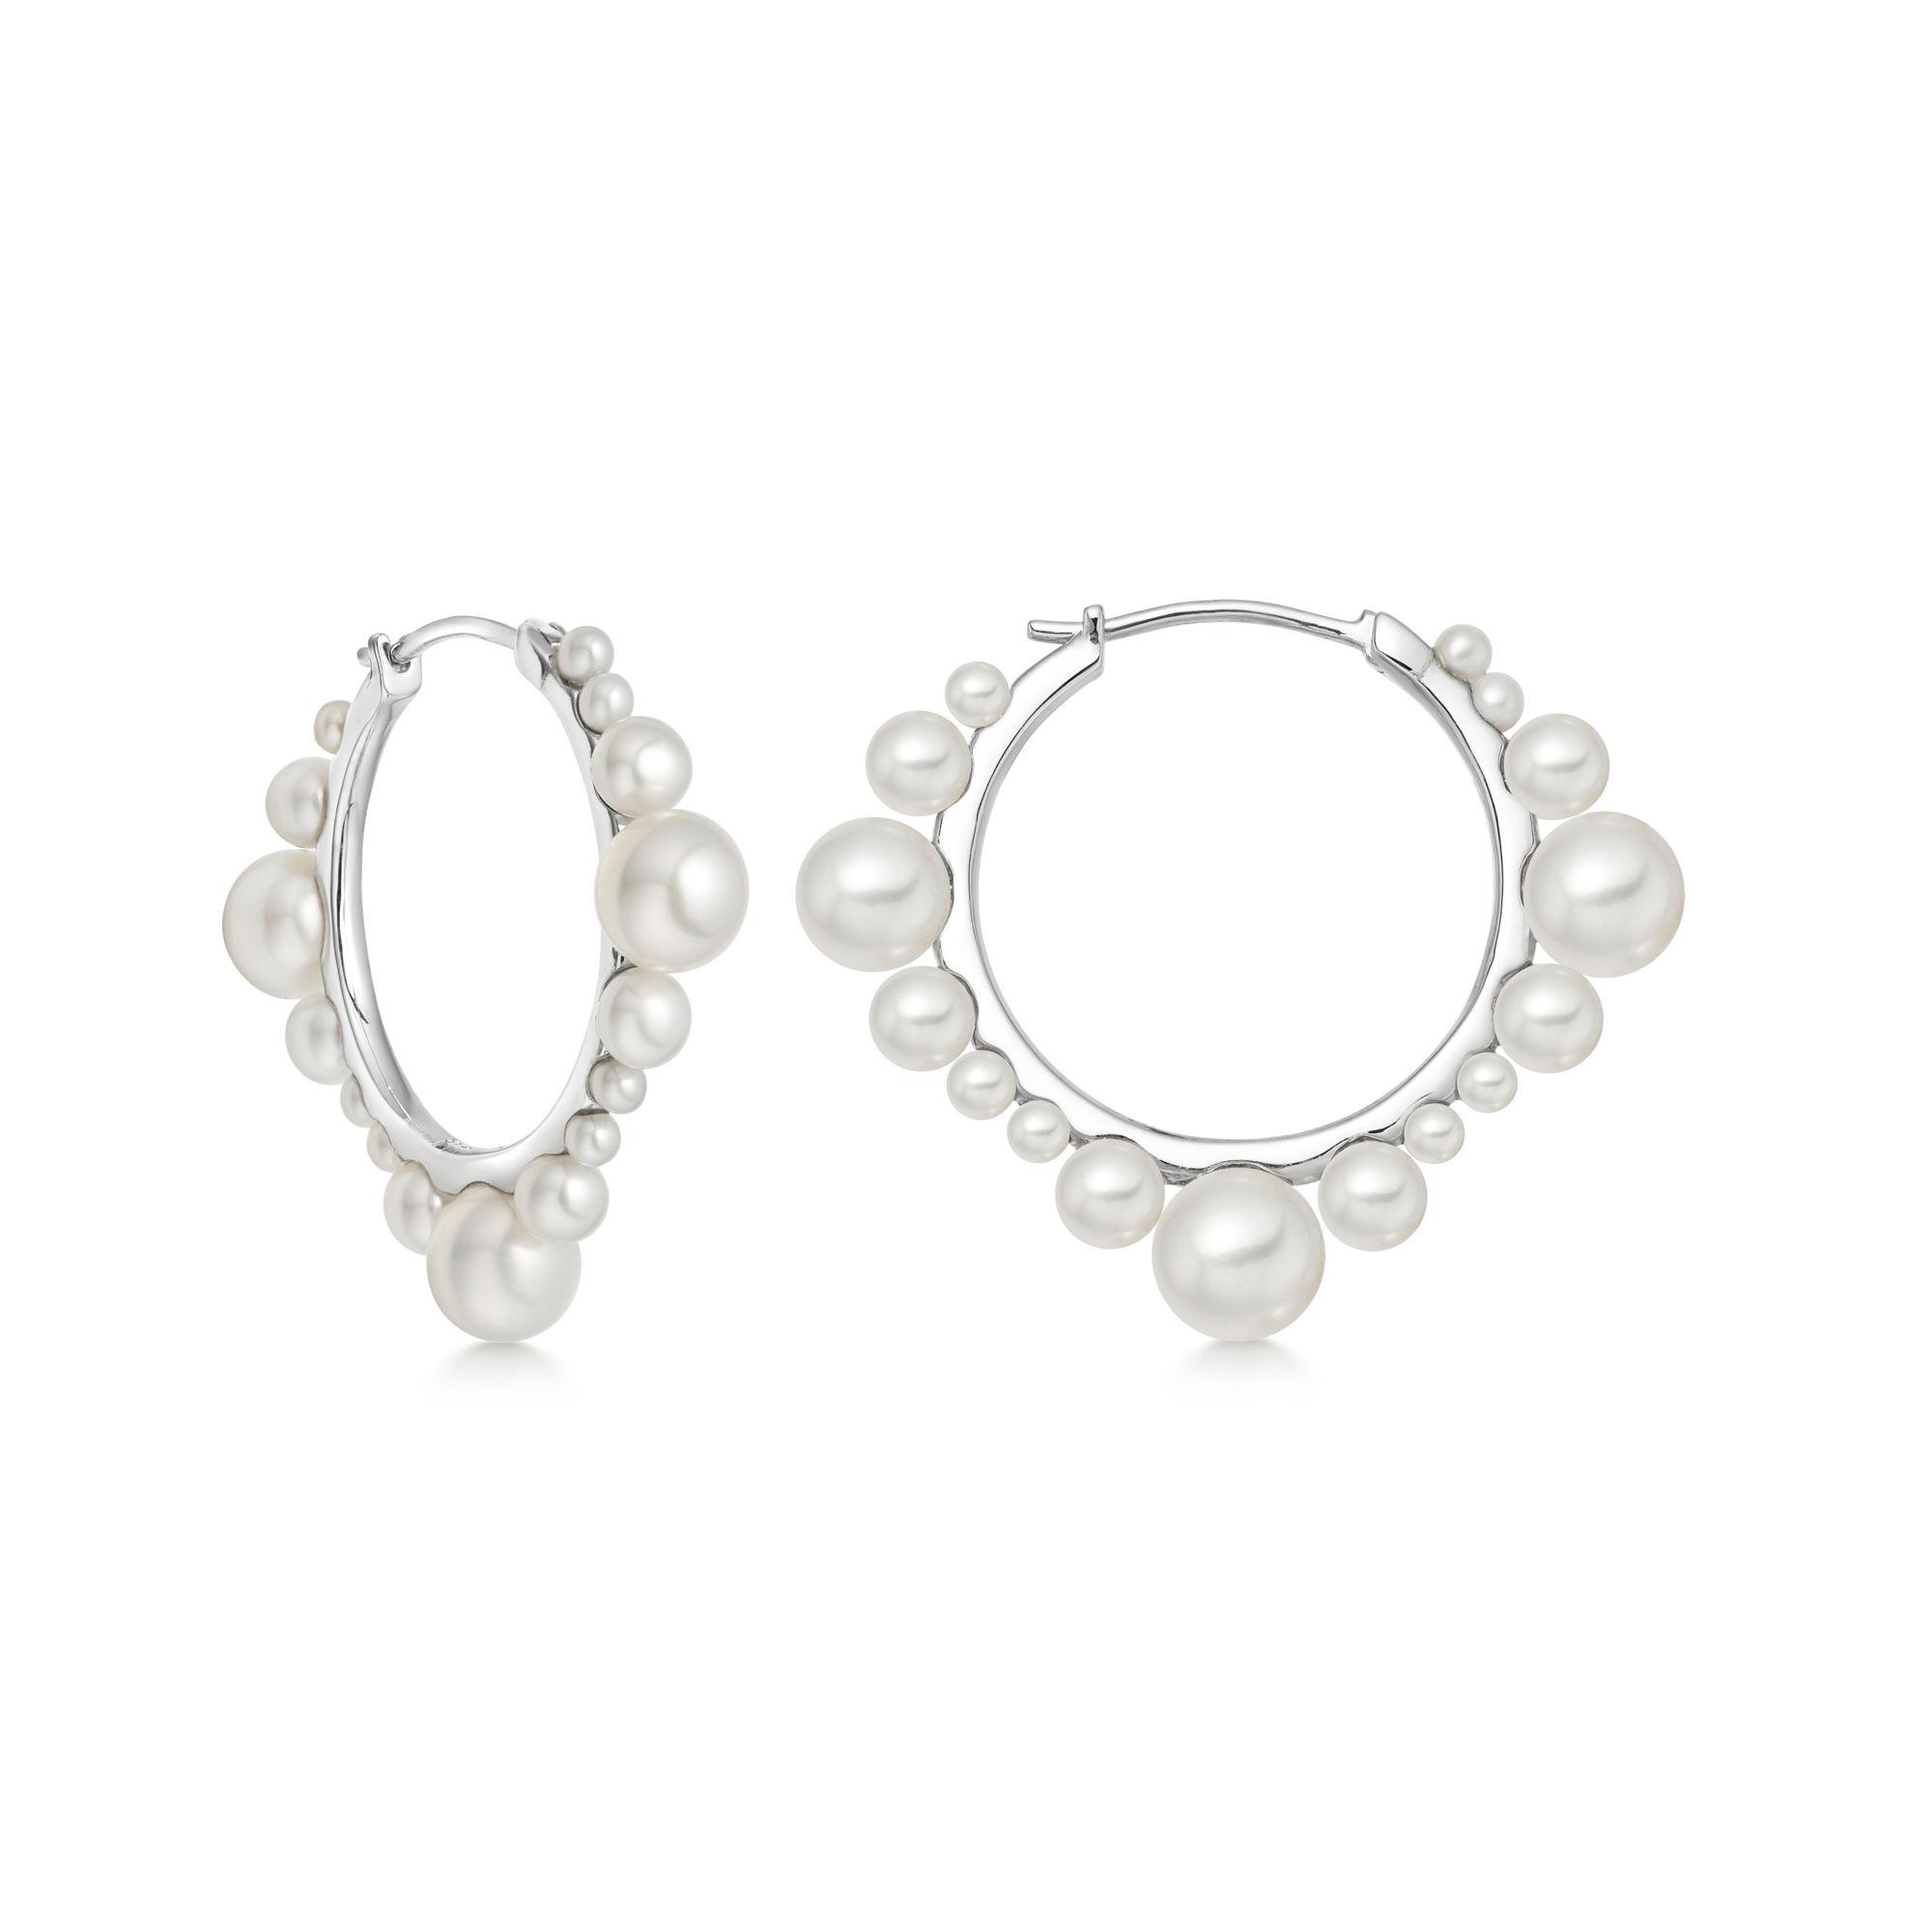 Orbs Pearl & Sterling Silver Small Hoop Earrings, $220